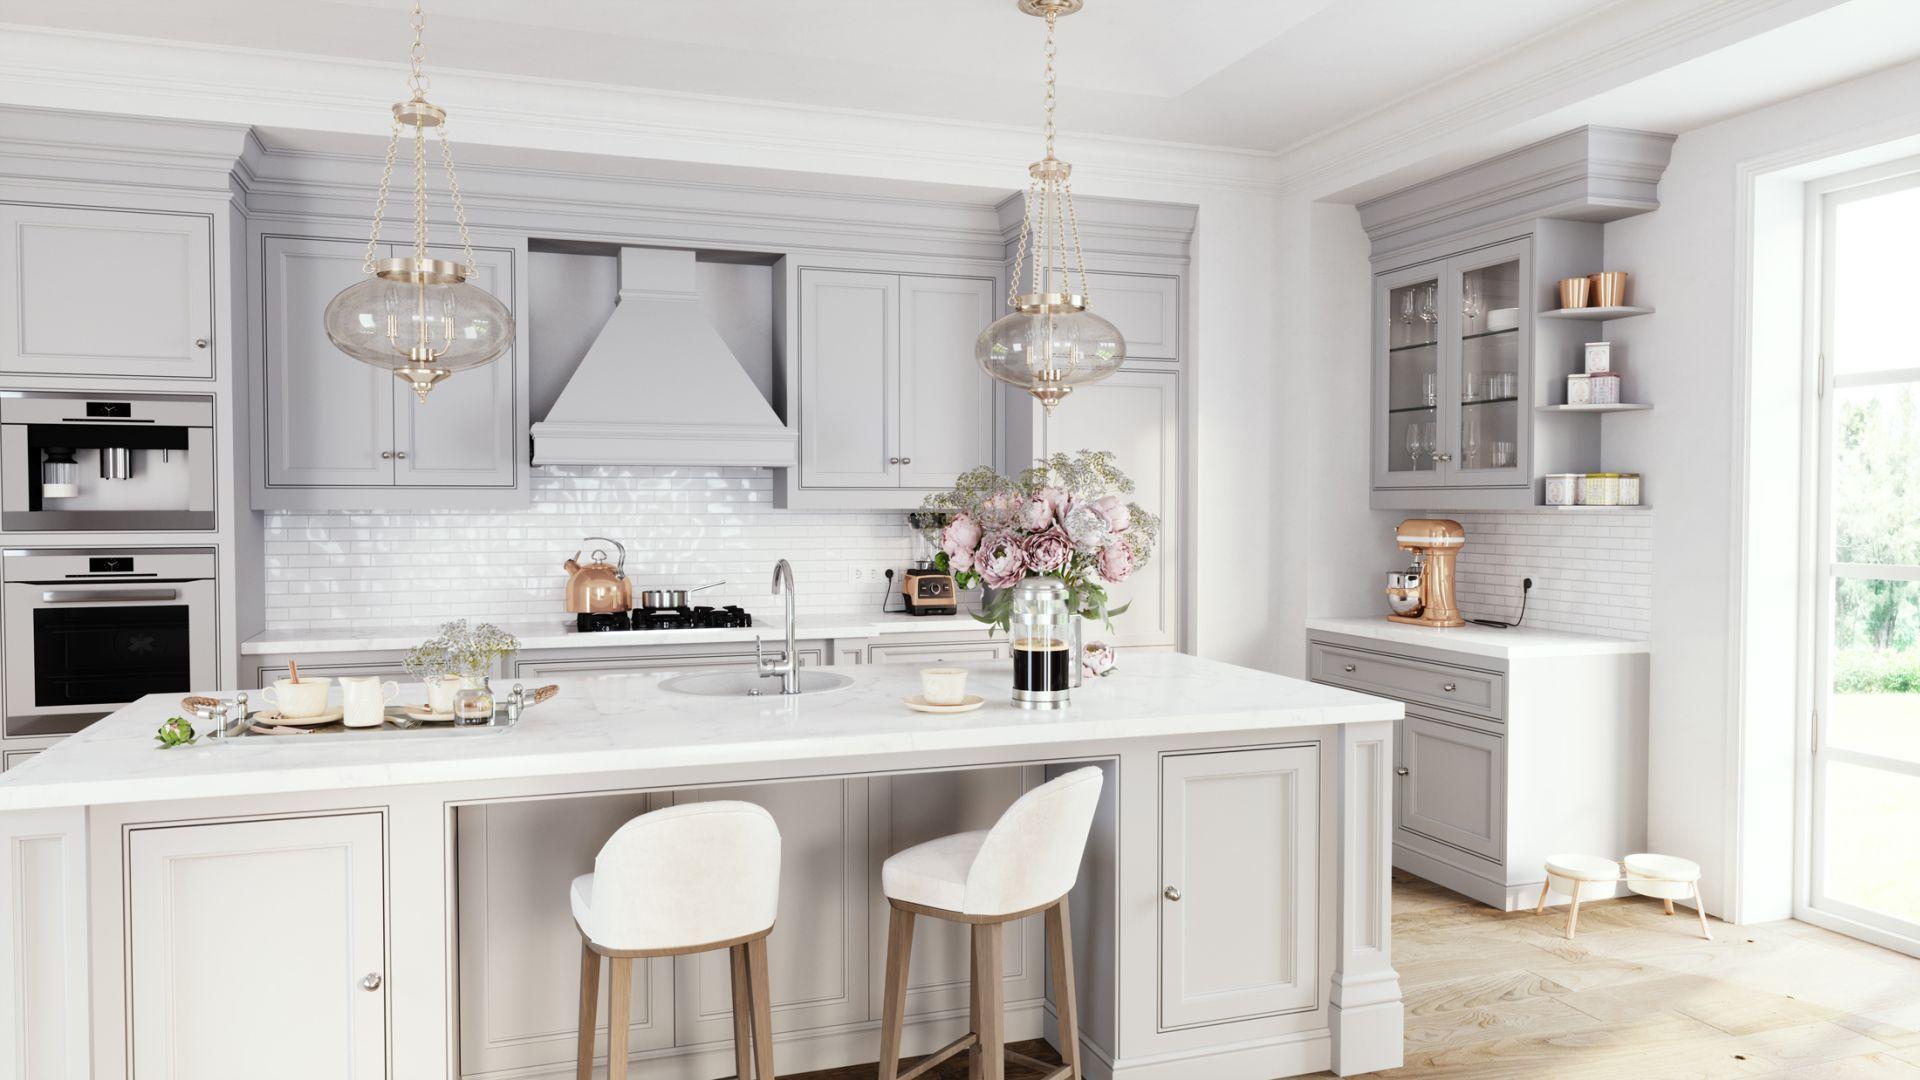 Biała kuchnia w klasycznym stylu. Bateria zlewozmywakowa stojąca Tiga VerdeLine. Fot. Ferro